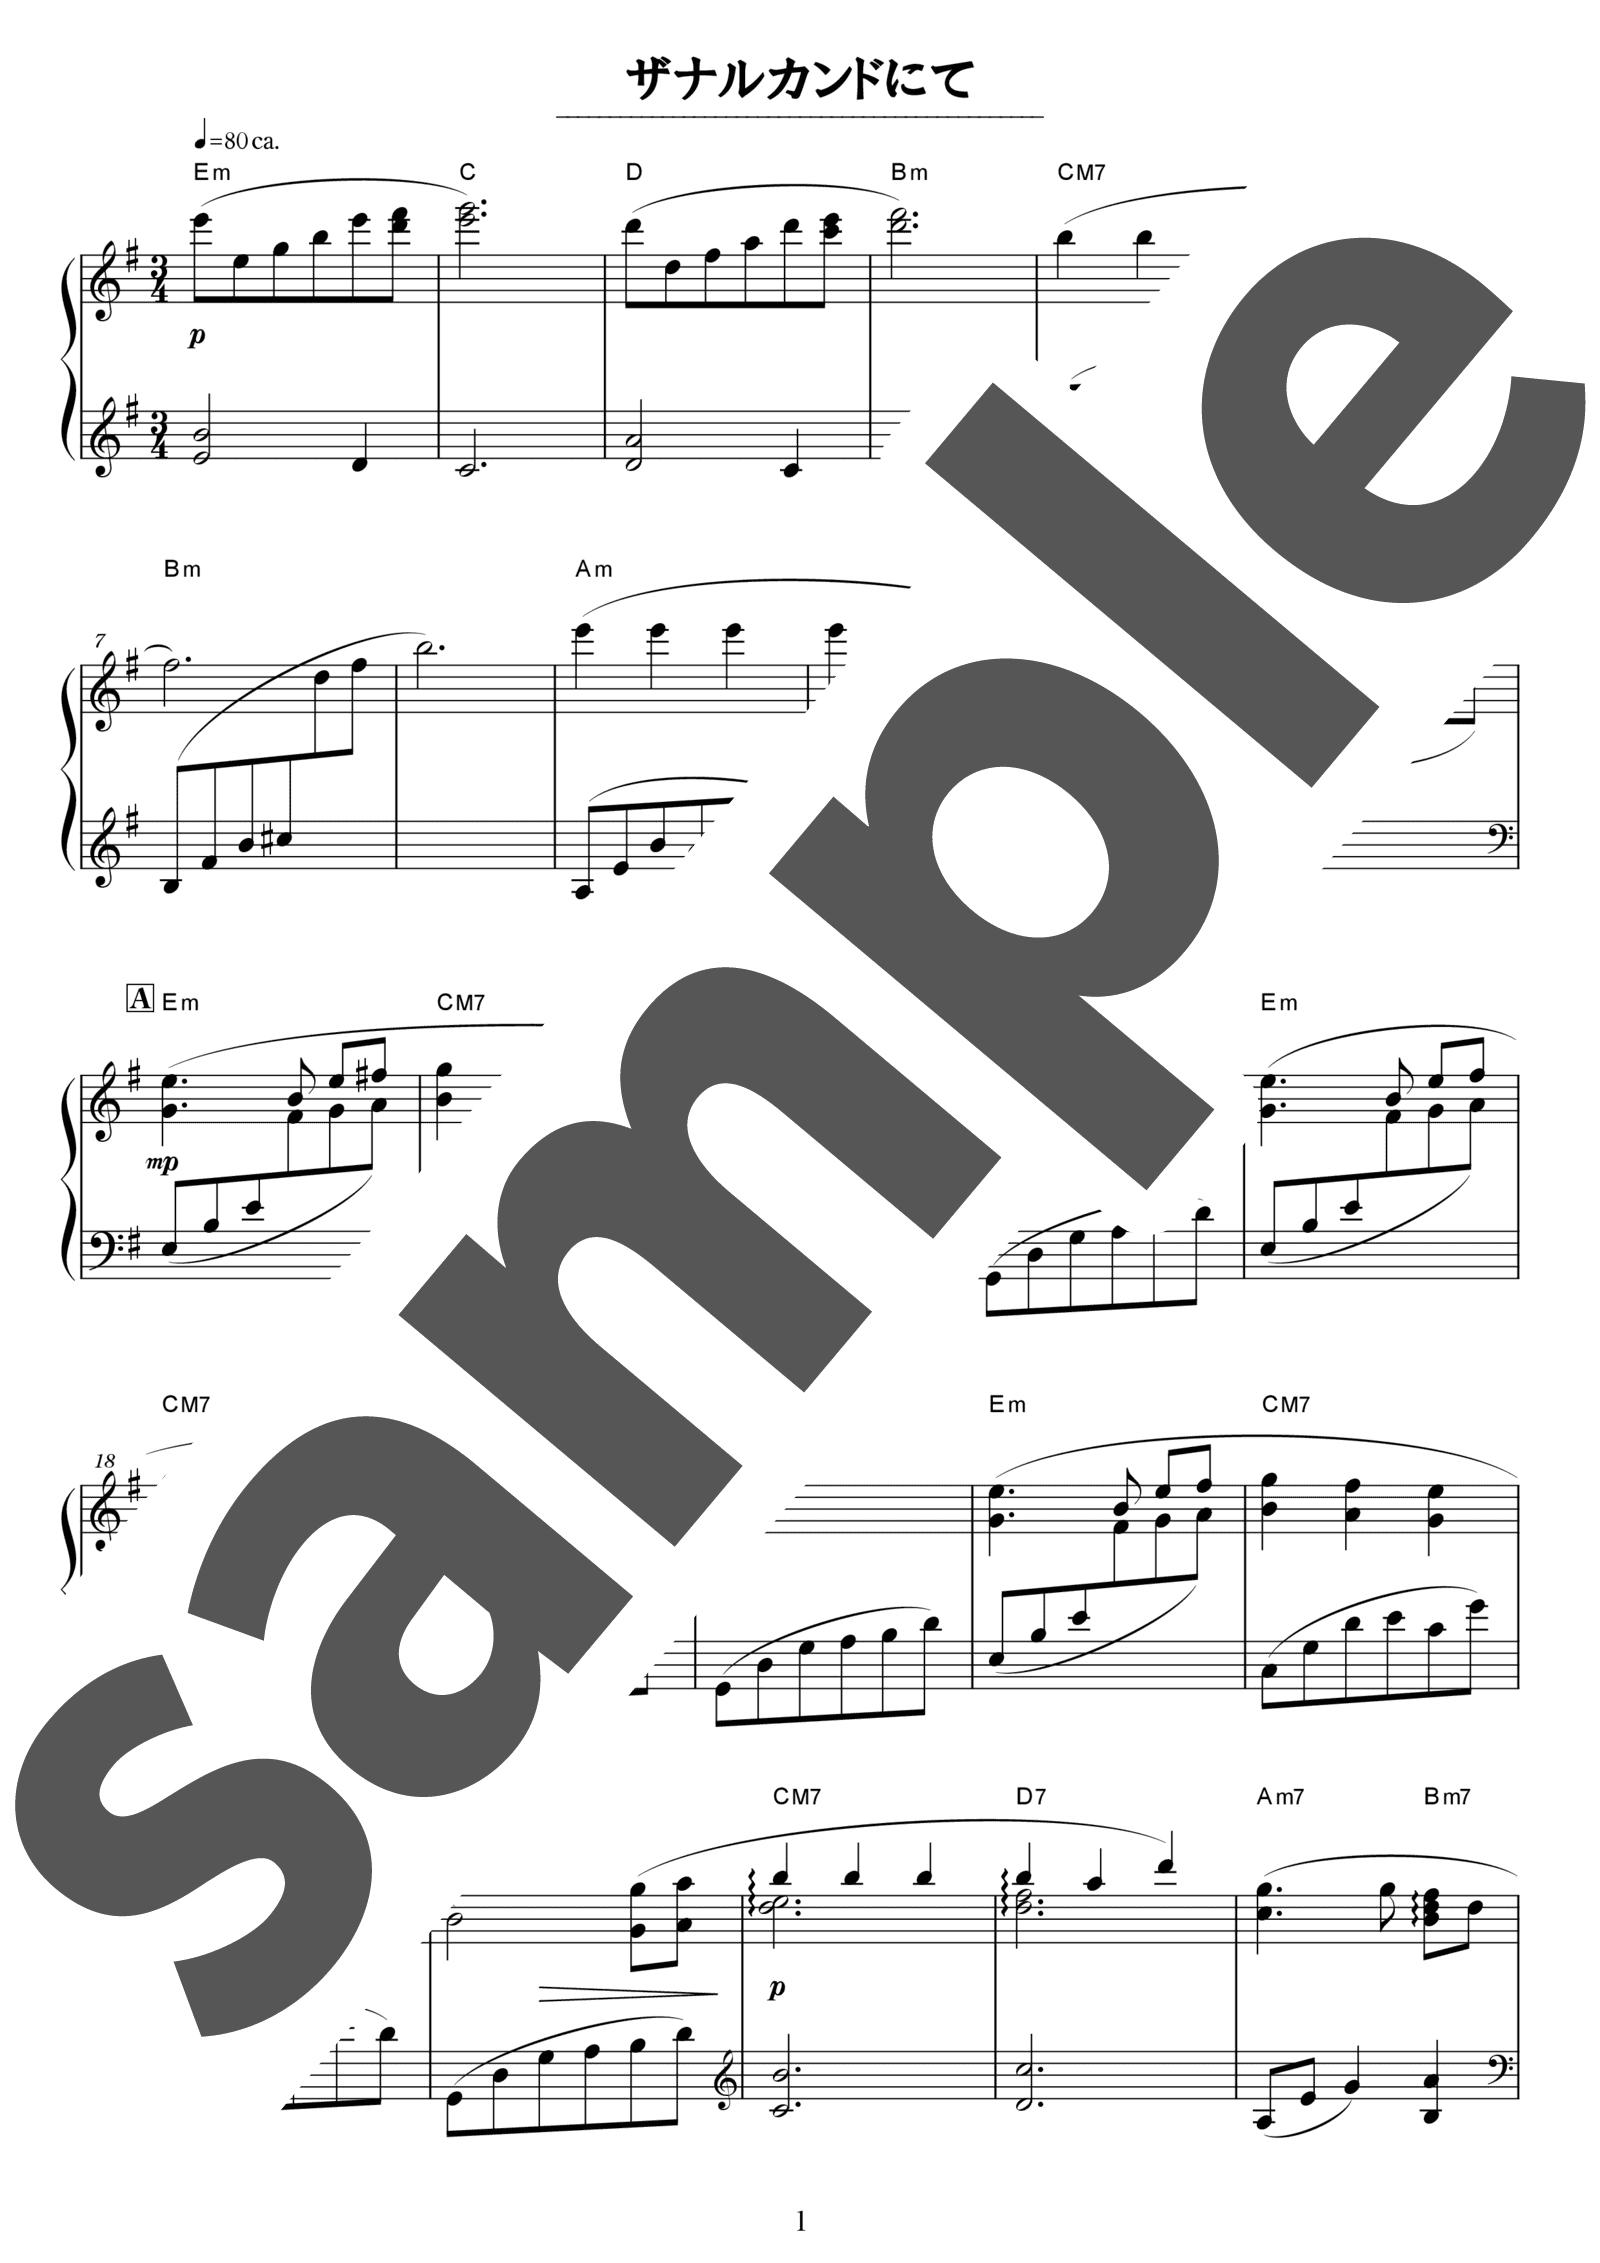 「ザナルカンドにて」のサンプル楽譜